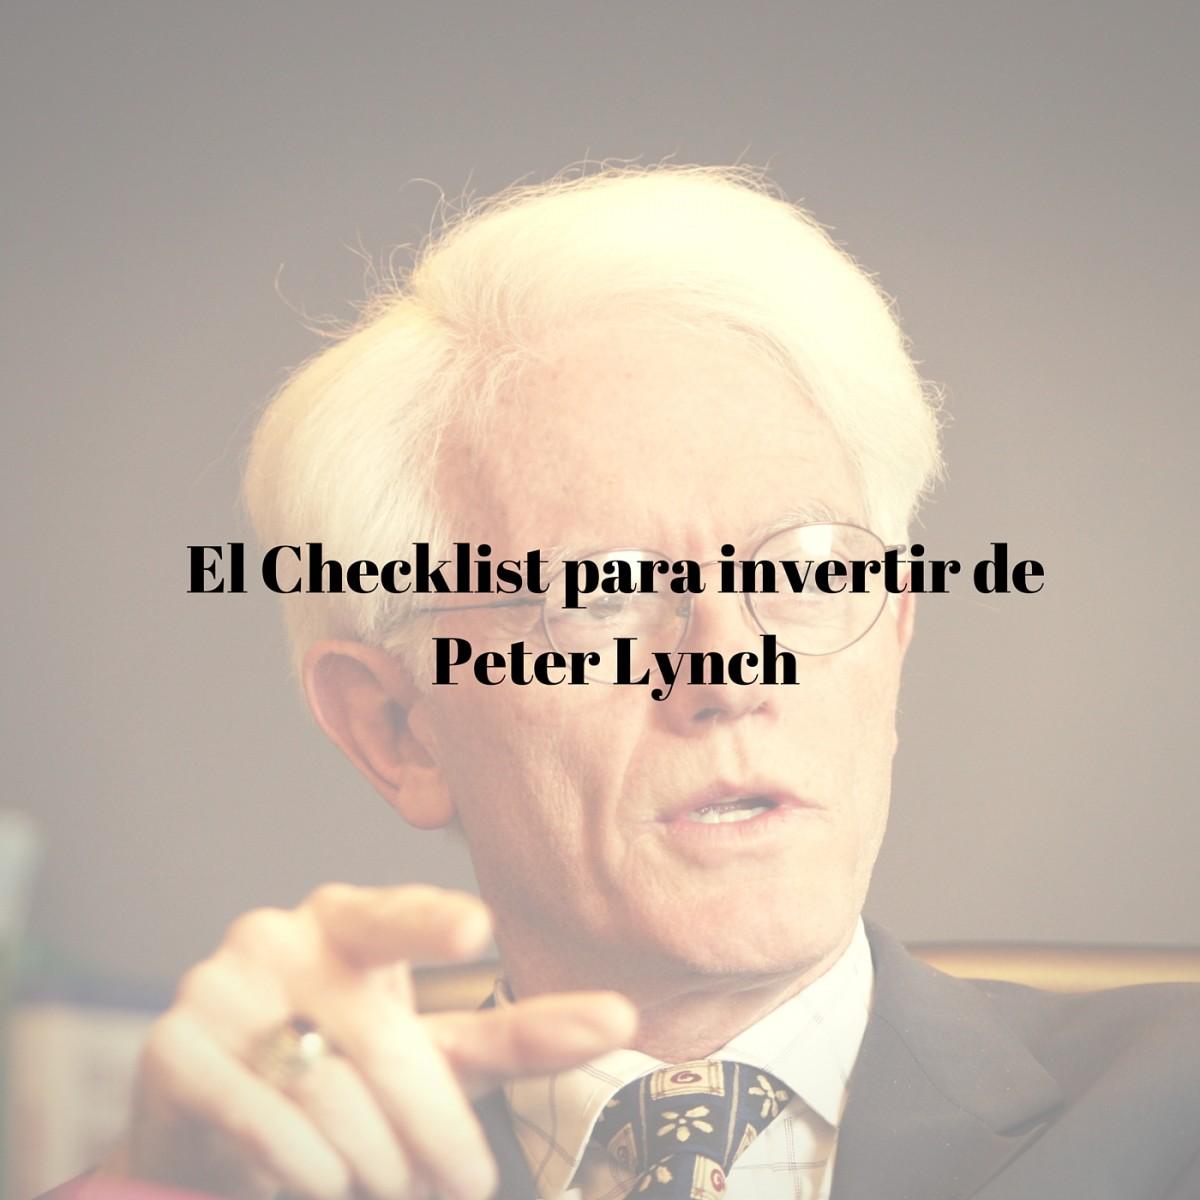 El Checklist para invertir de Peter Lynch